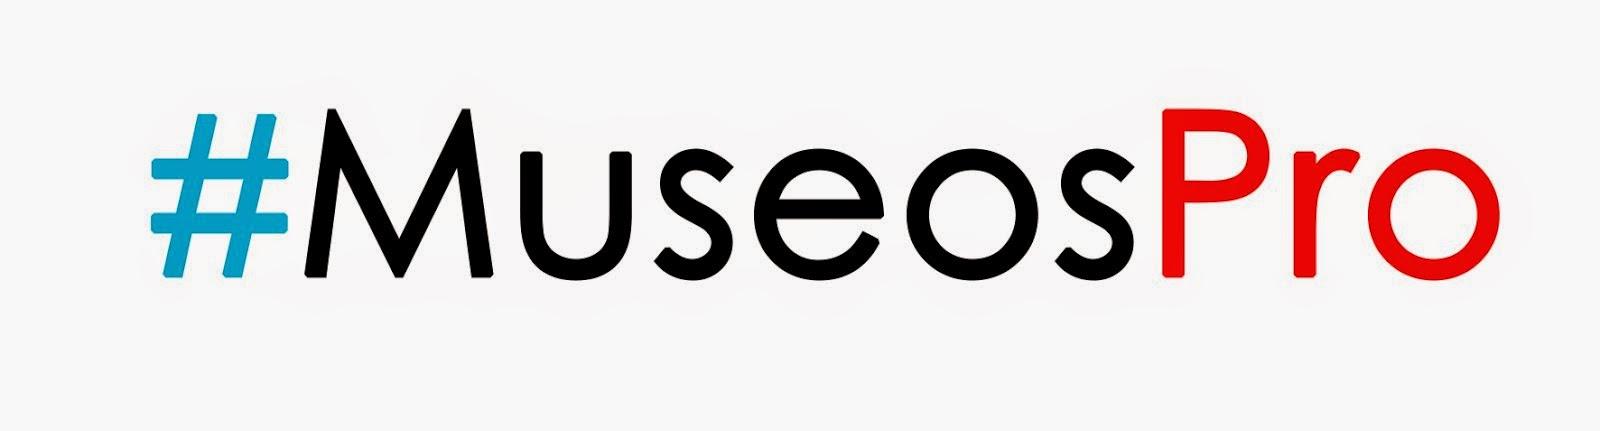 Organizadora de #MuseosPro